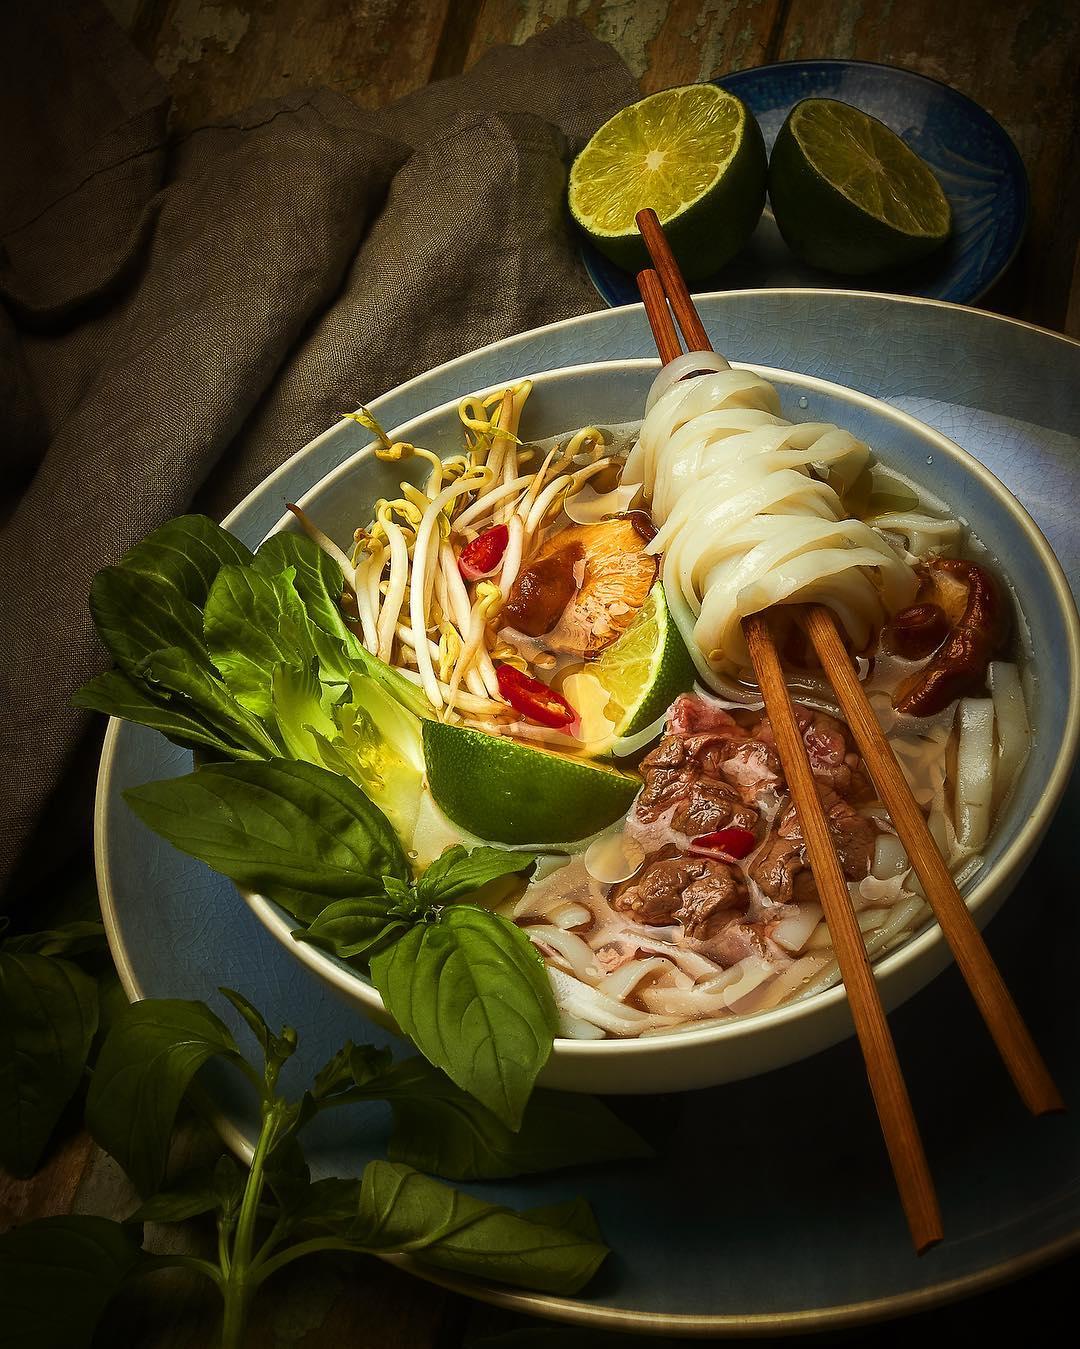 Вьетнамская кухня. Суп Фо-бо с лапшой и говядиной